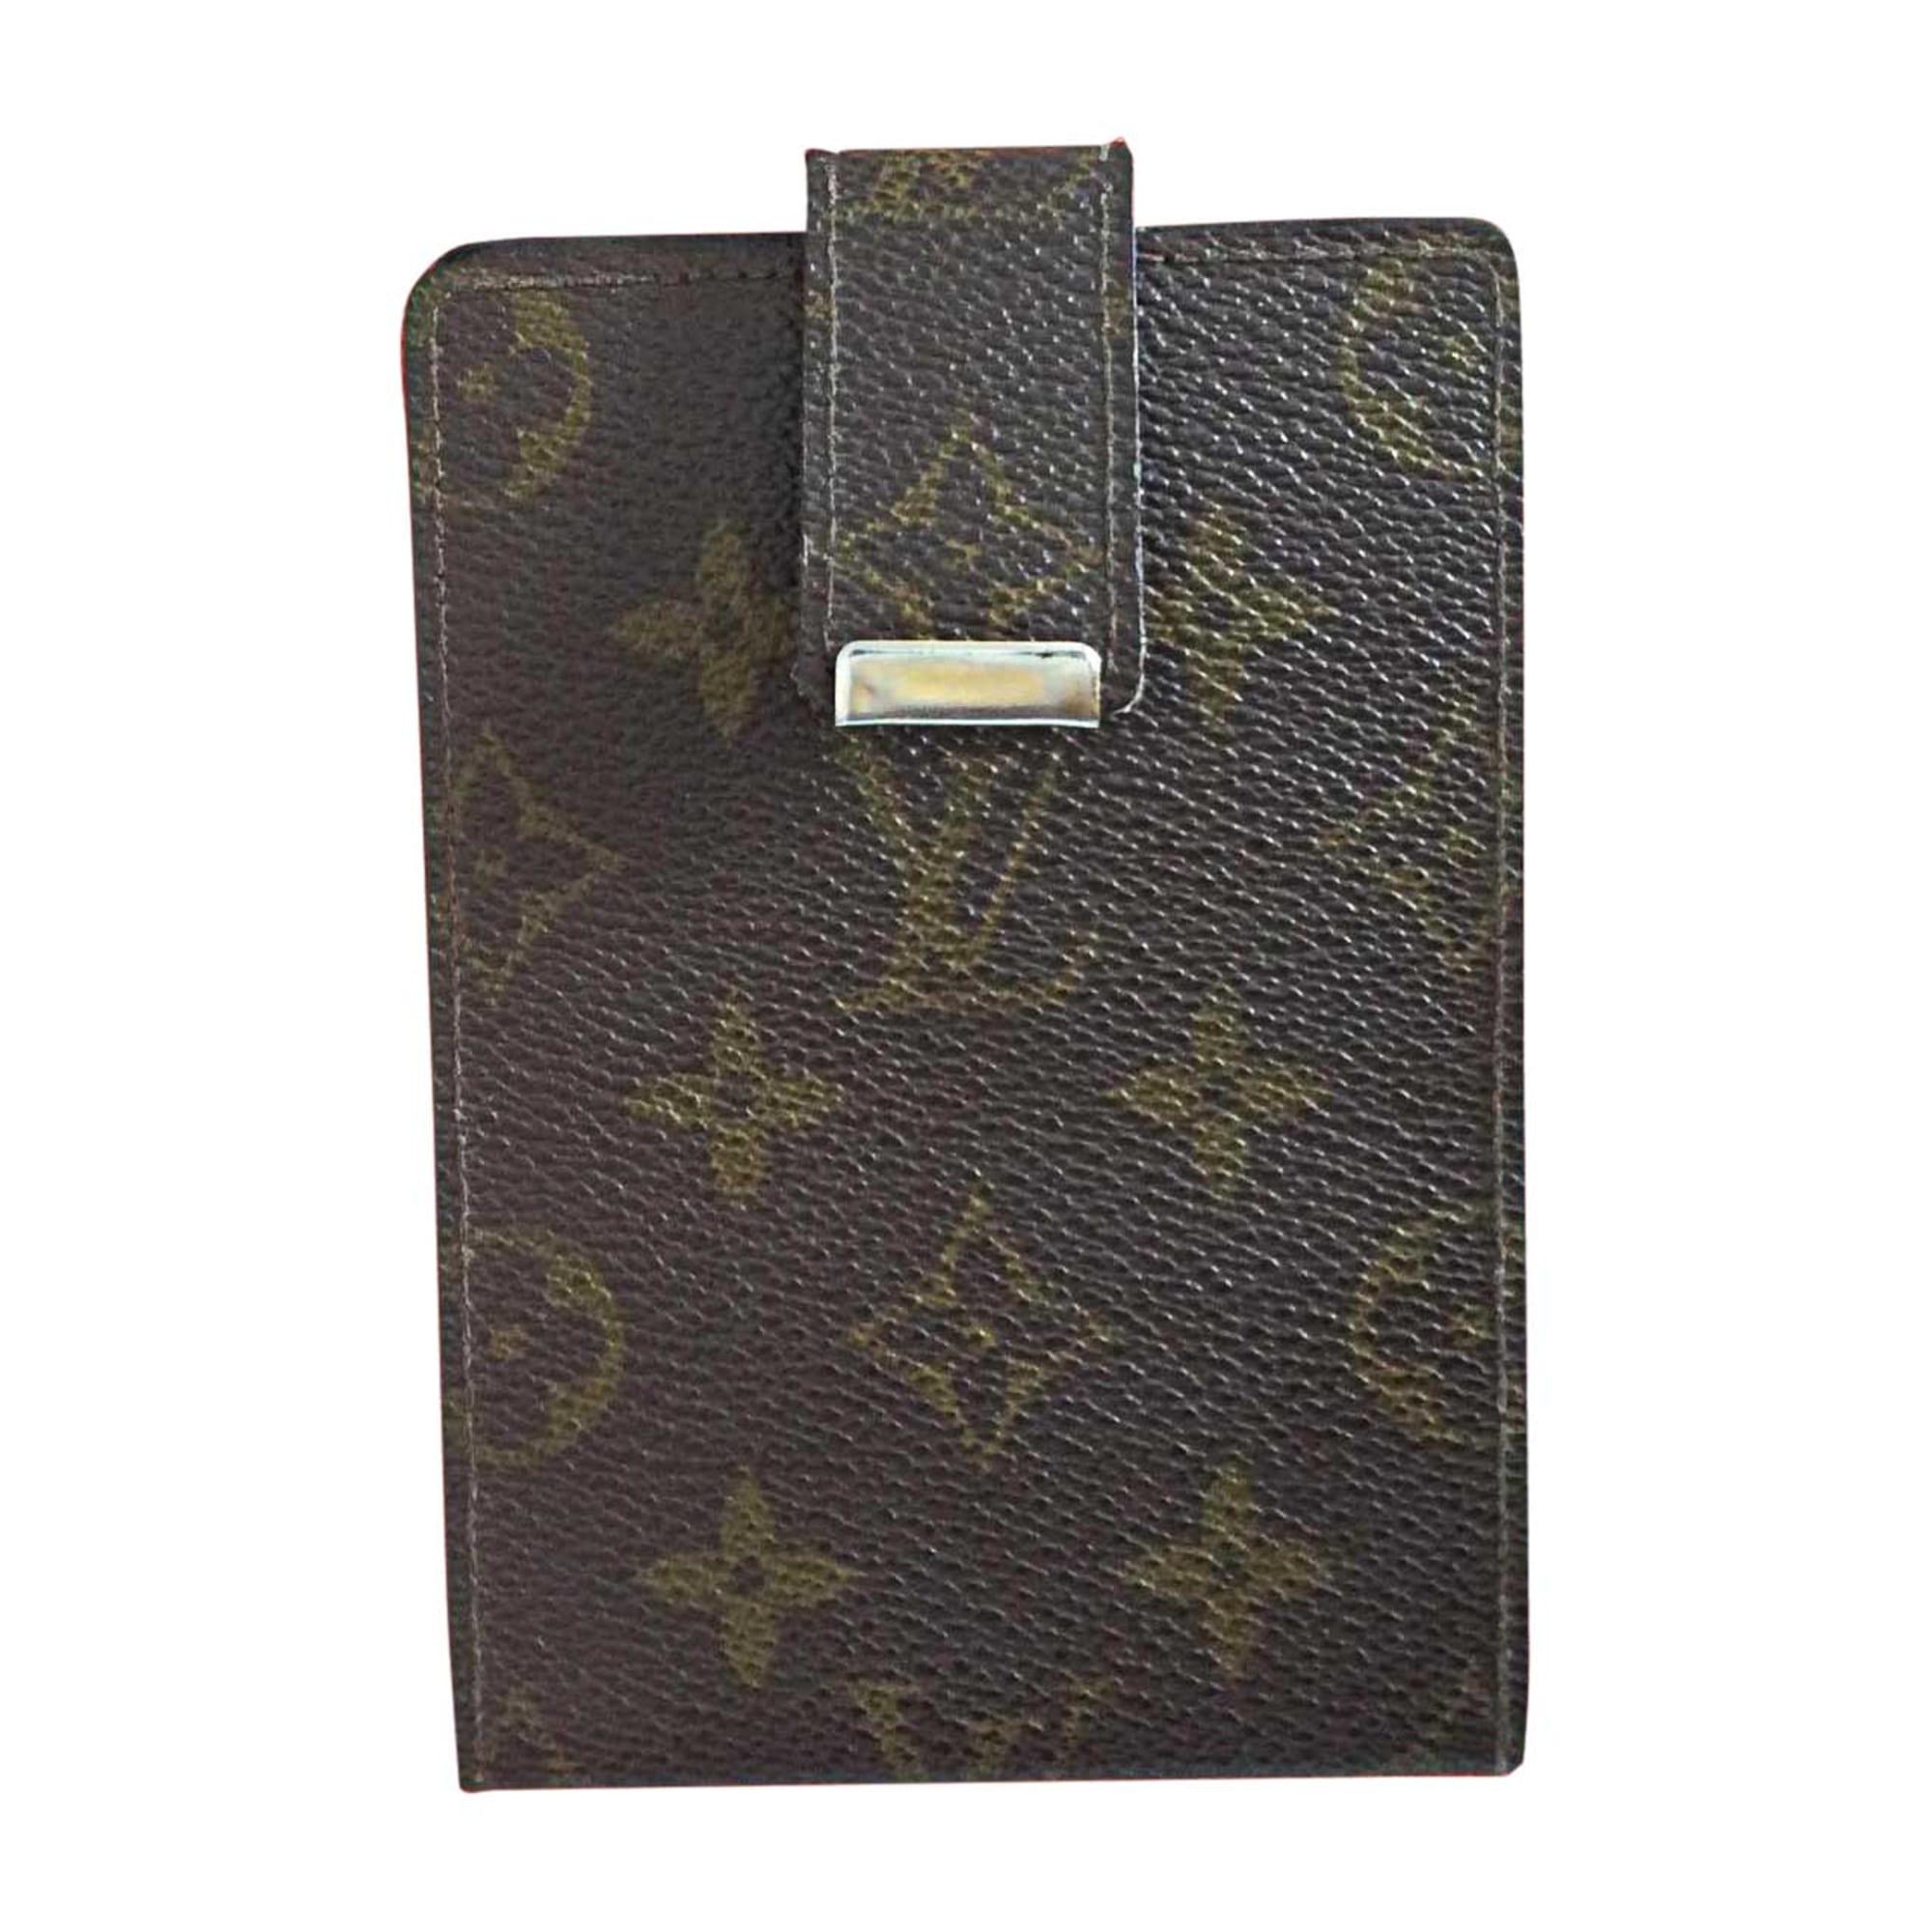 Porte ch quier louis vuitton marron vendu par parfum des anges57624 6691600 - Porte chequier louis vuitton ...